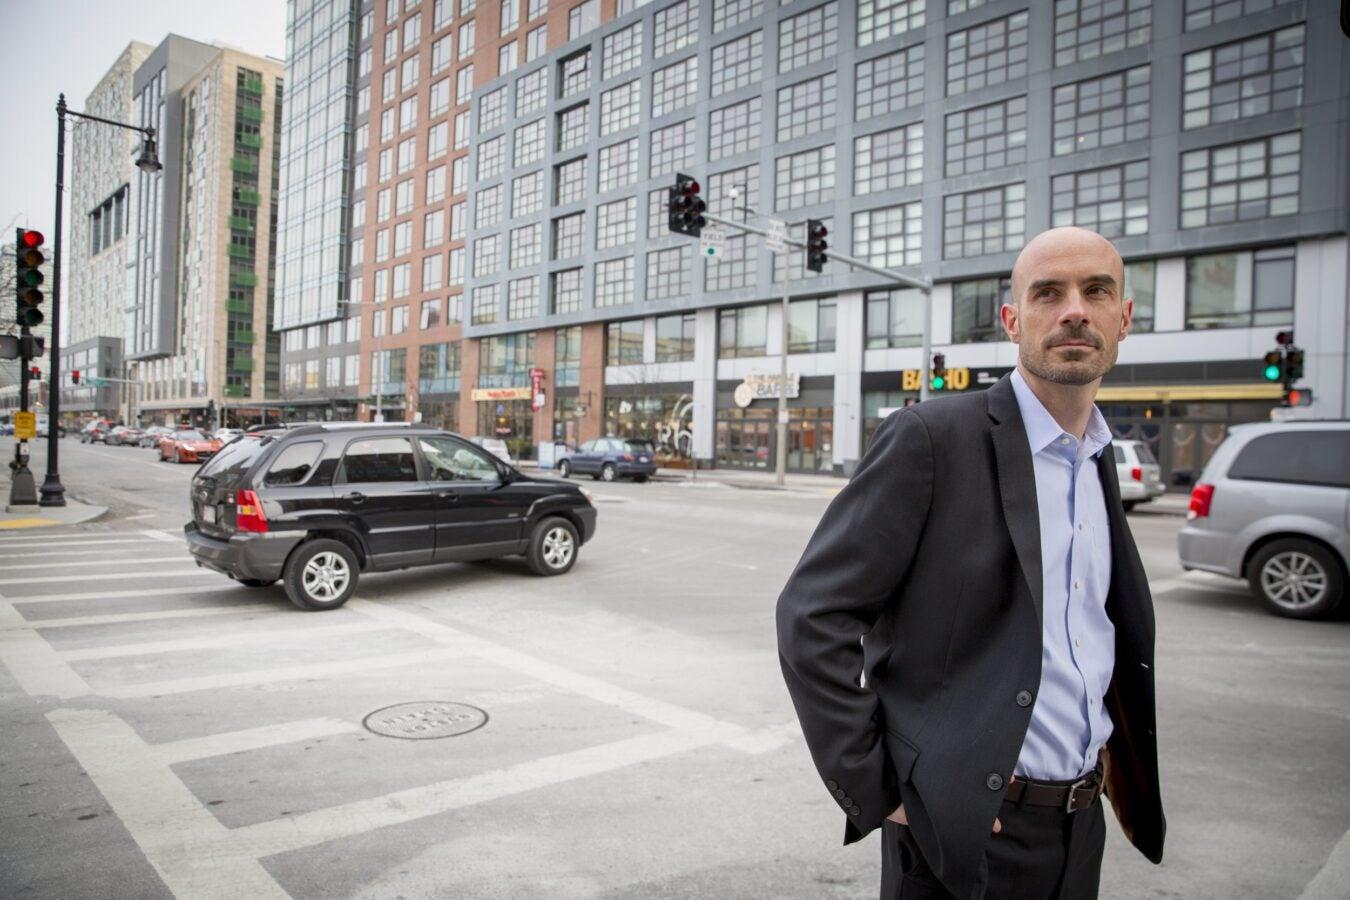 Joe Allen standing in the street